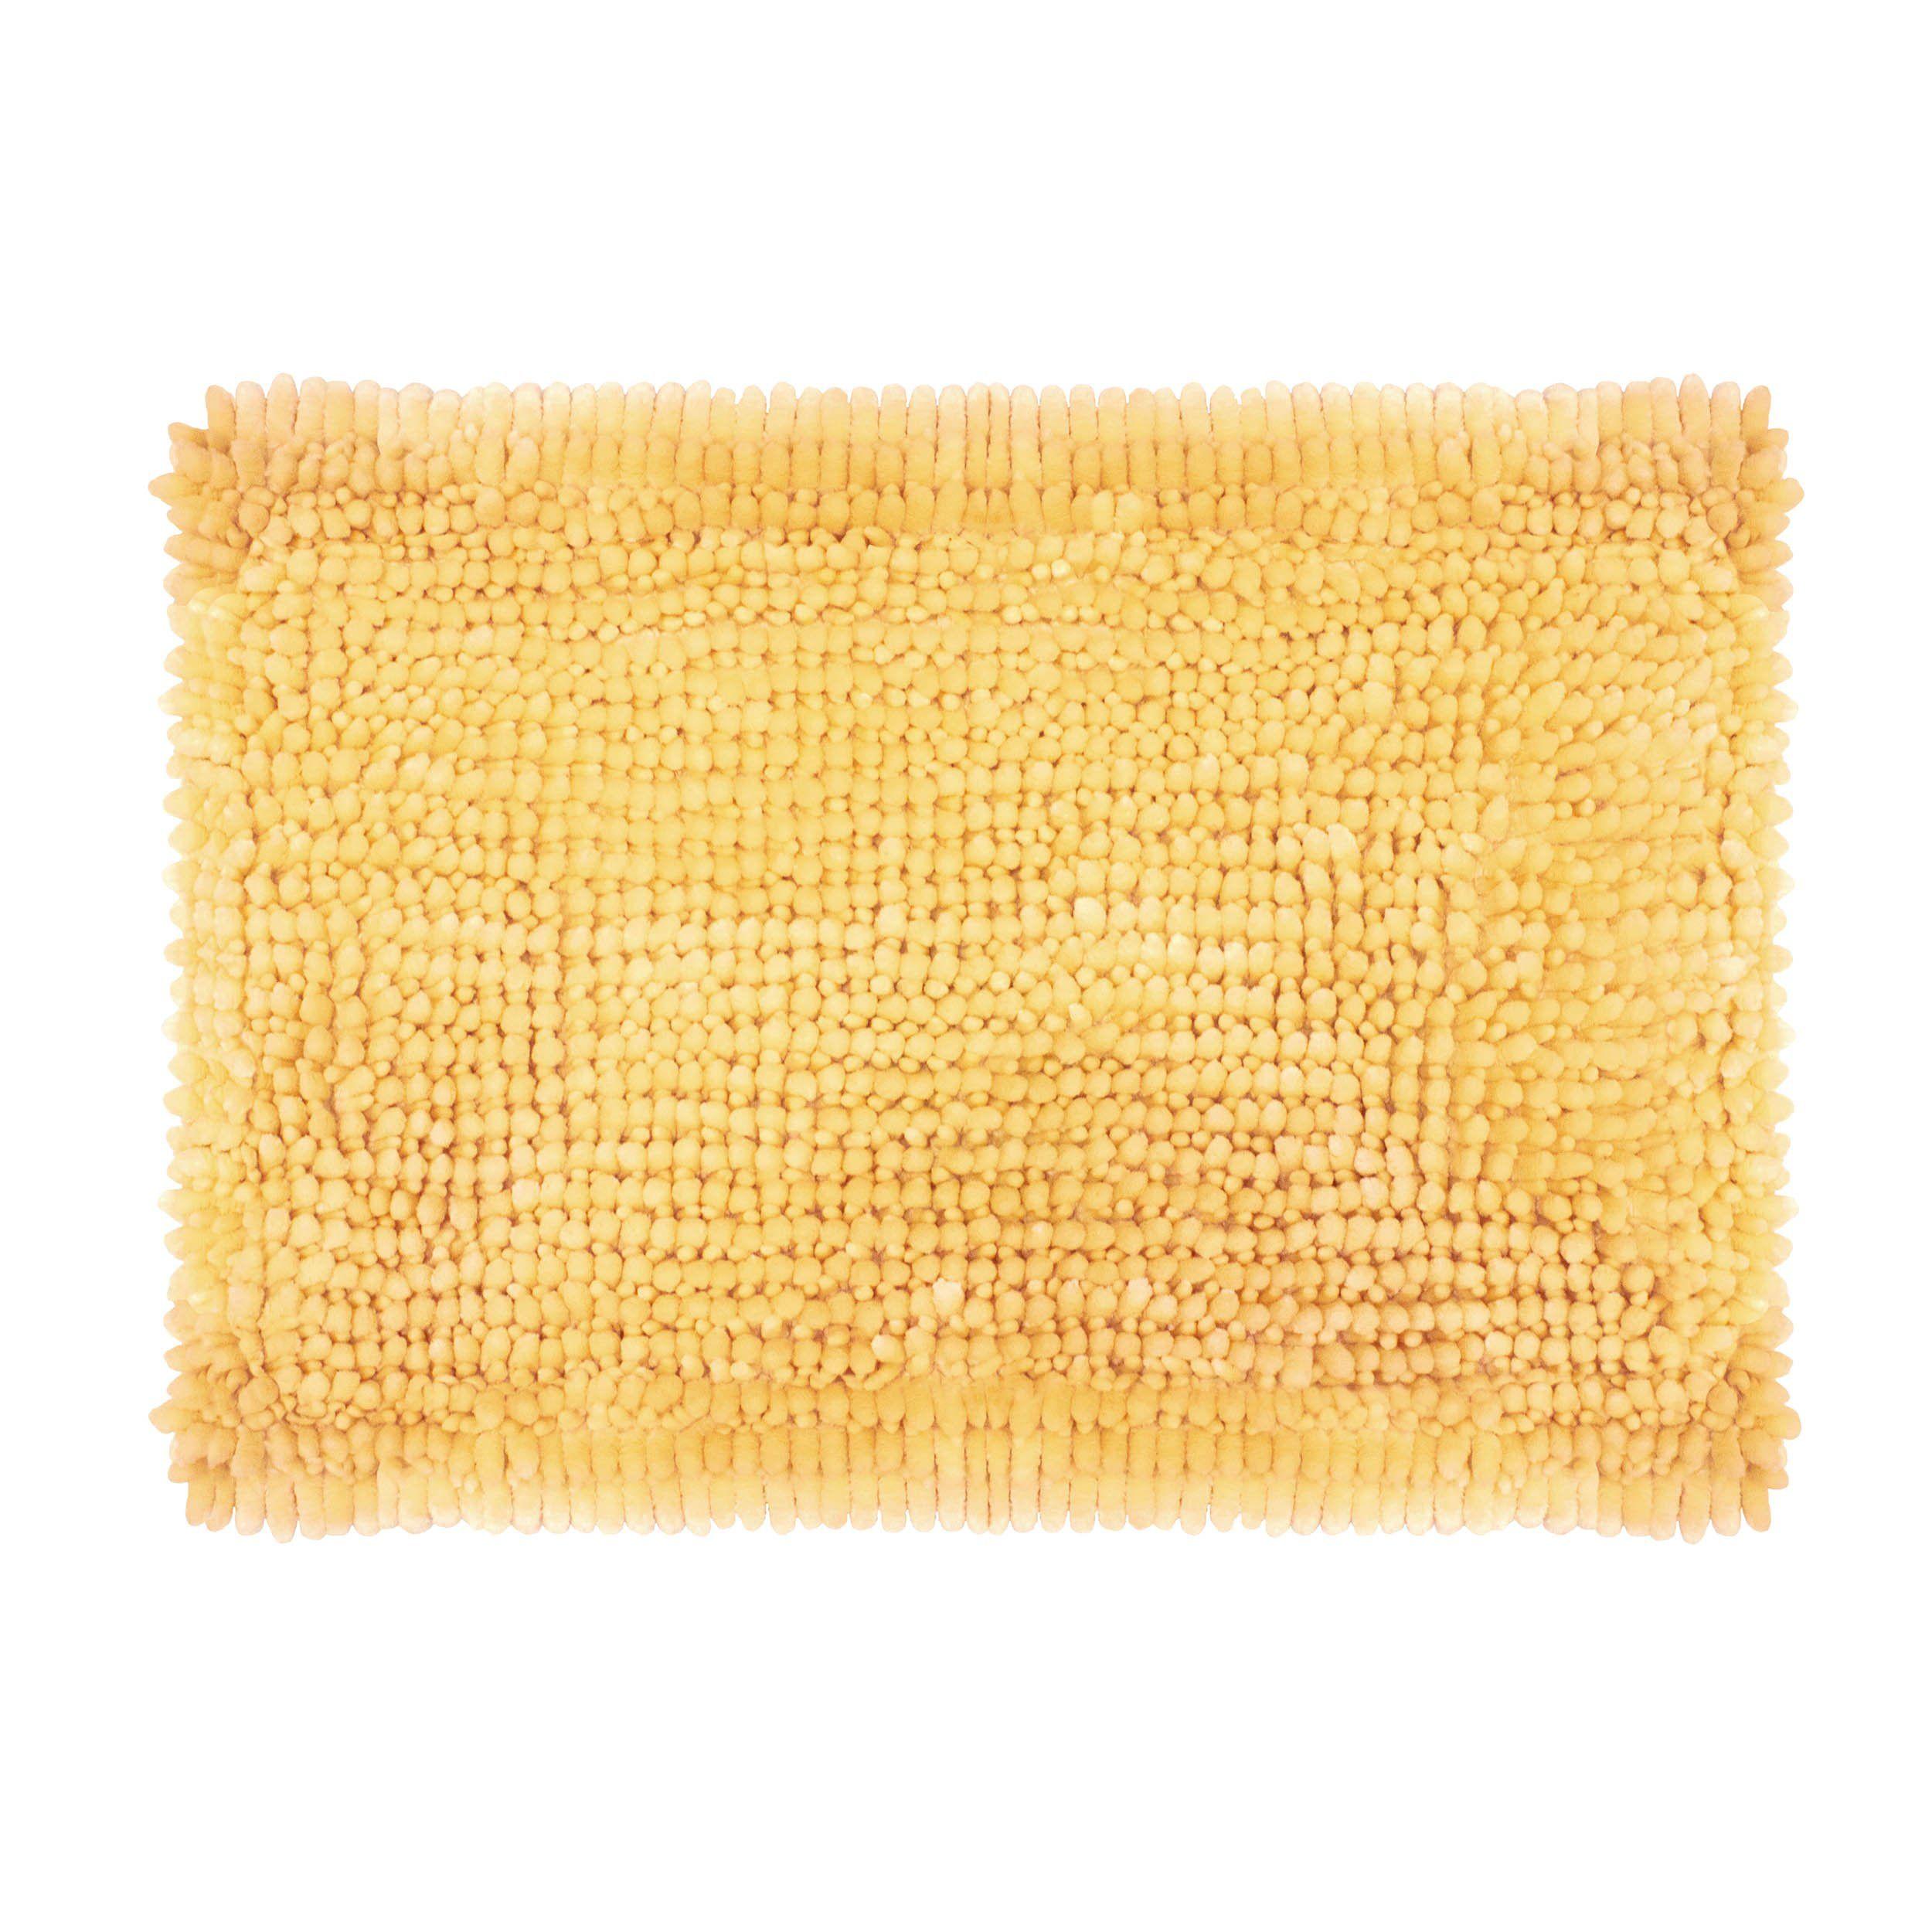 Laura Ashley Butter Chenille 17 X 24 Bath Mat Yellow